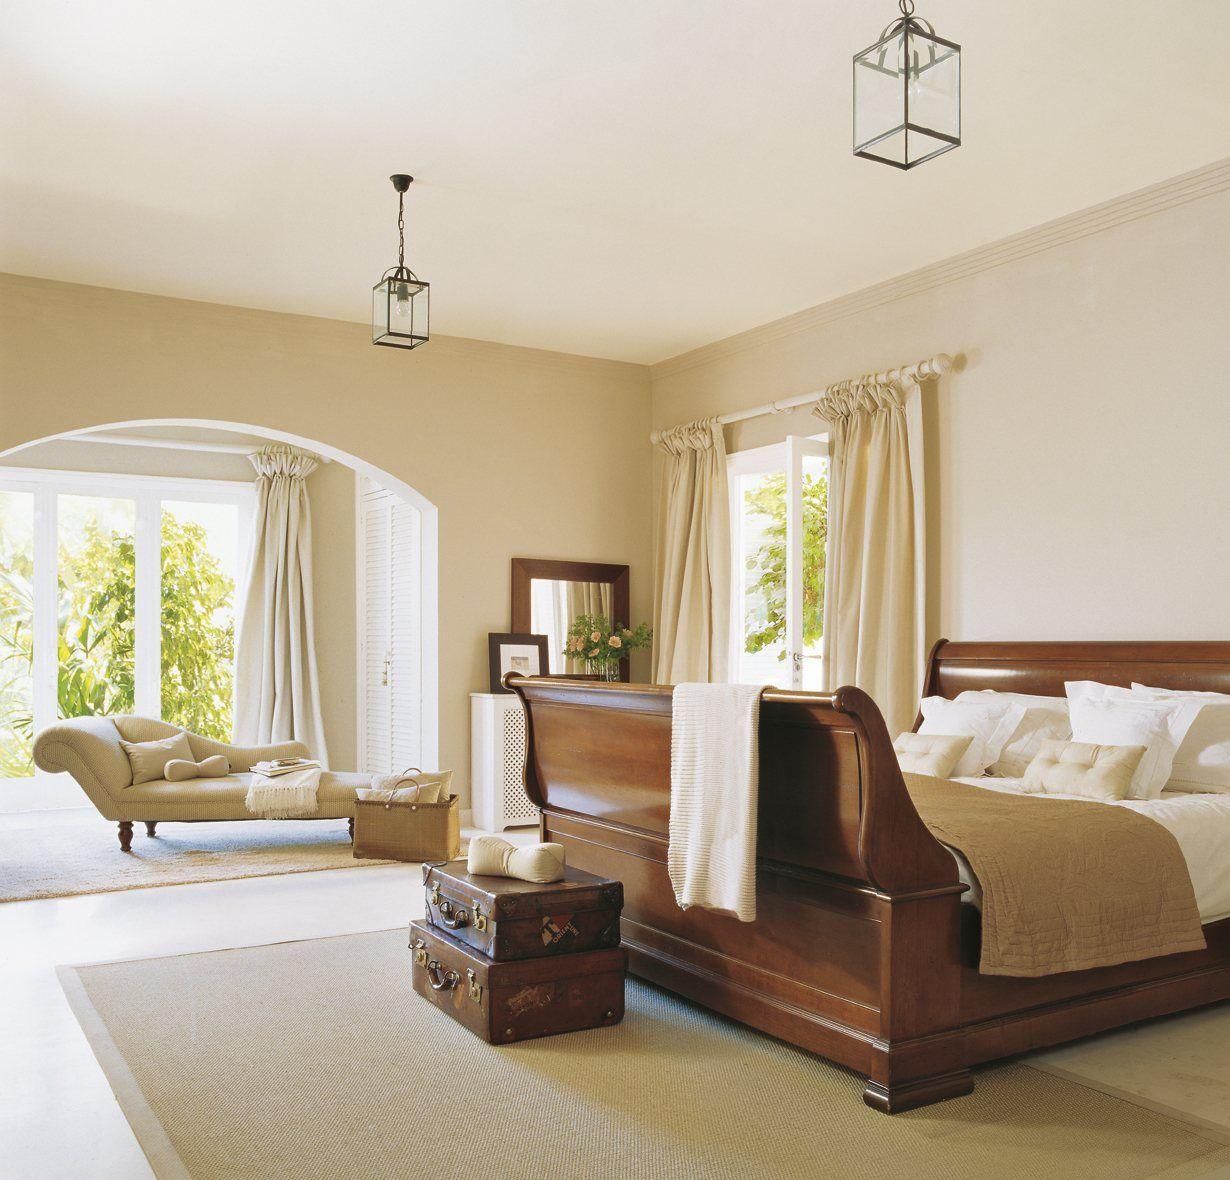 15 pasos para transformar el dormitorio en un oasis de